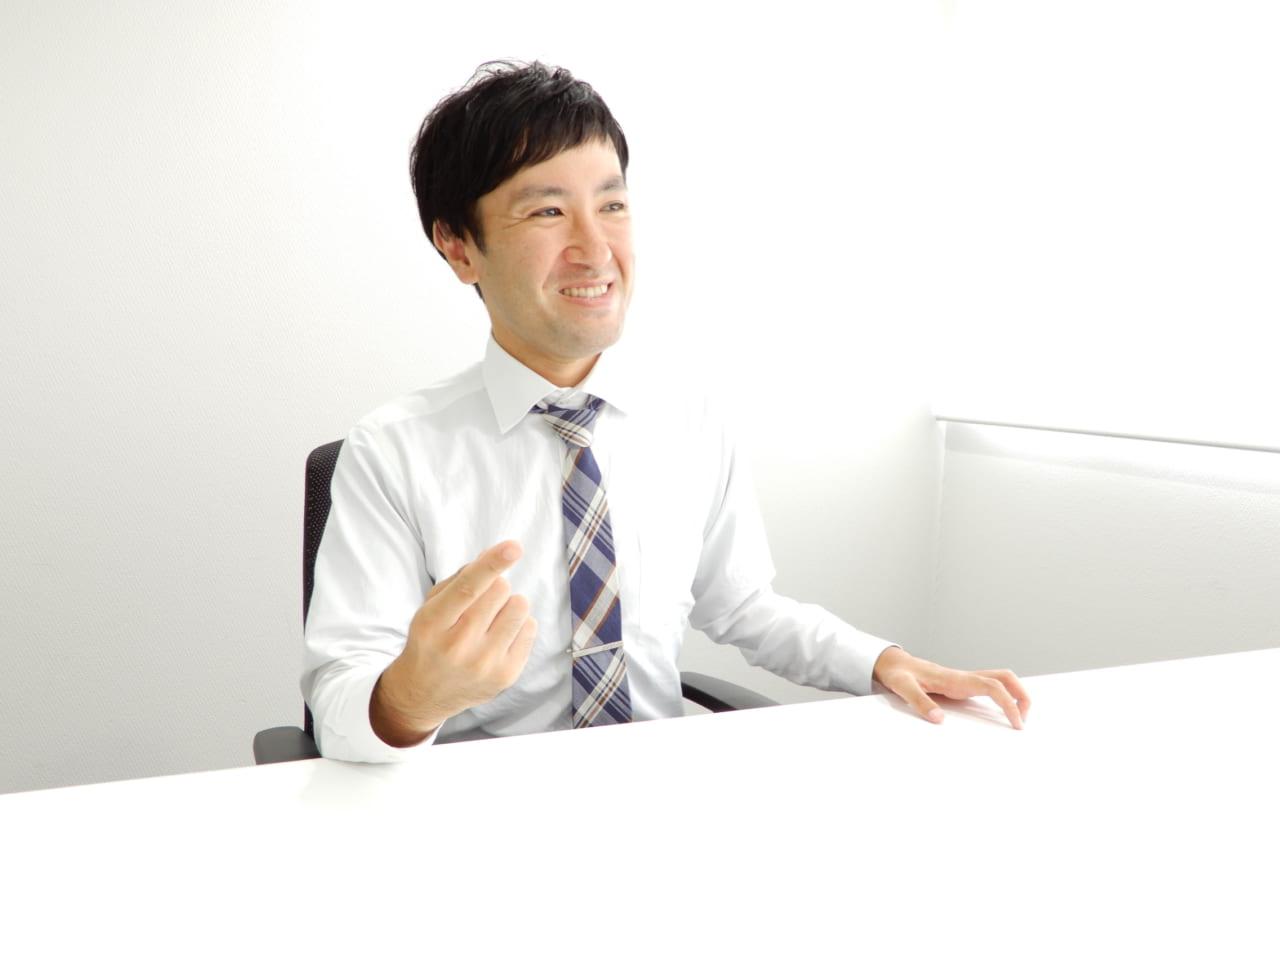 ヒロセ通商東野さん話す様子5